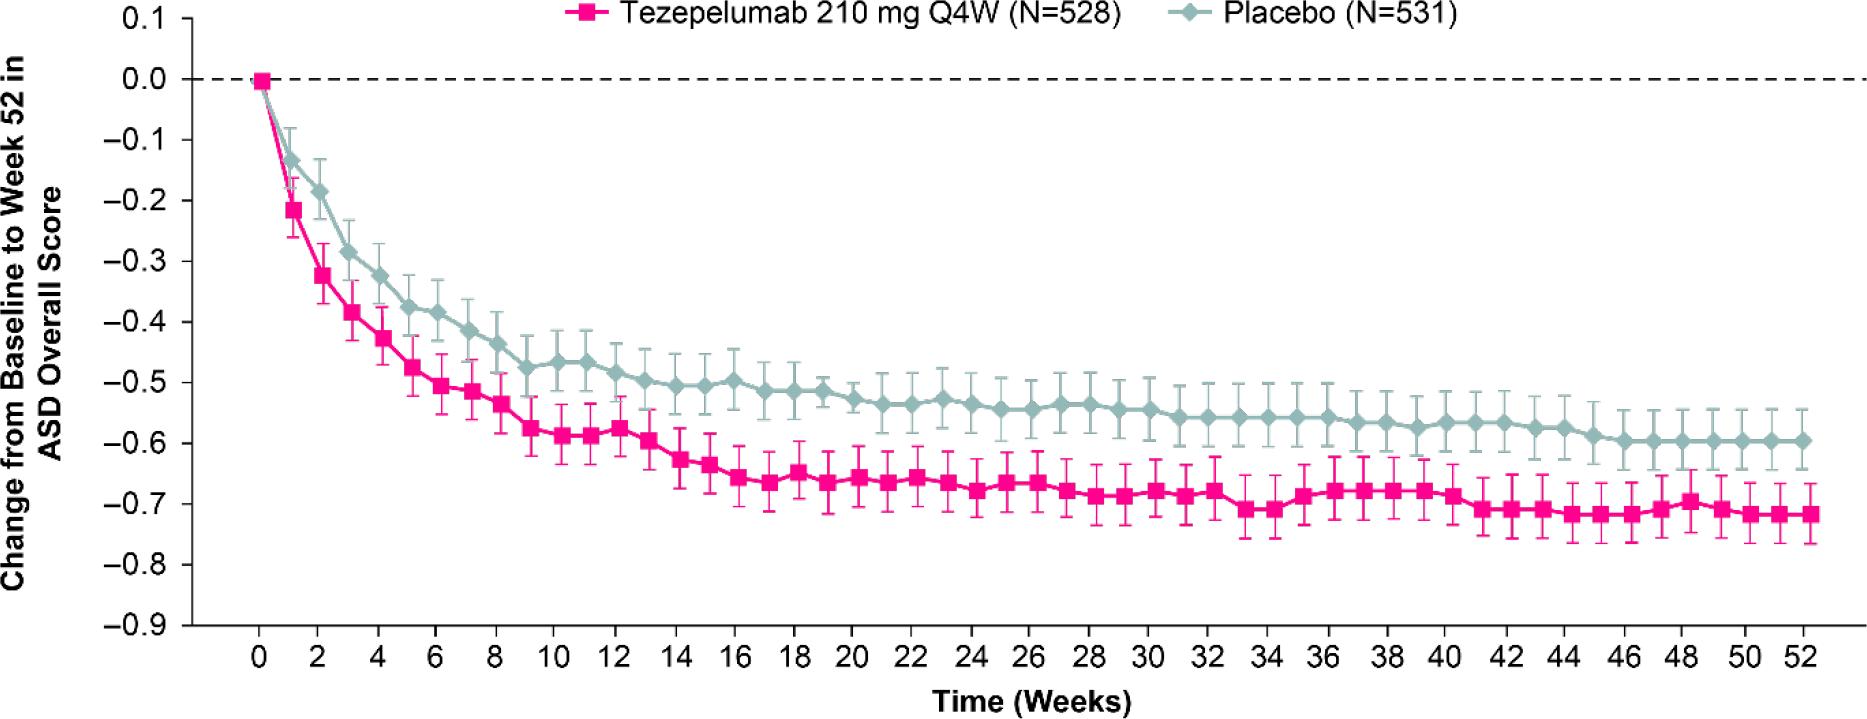 Тезепелумаб: эффективное лечение тяжелой неконтролируемой бронхиальной астмы [обновлено]